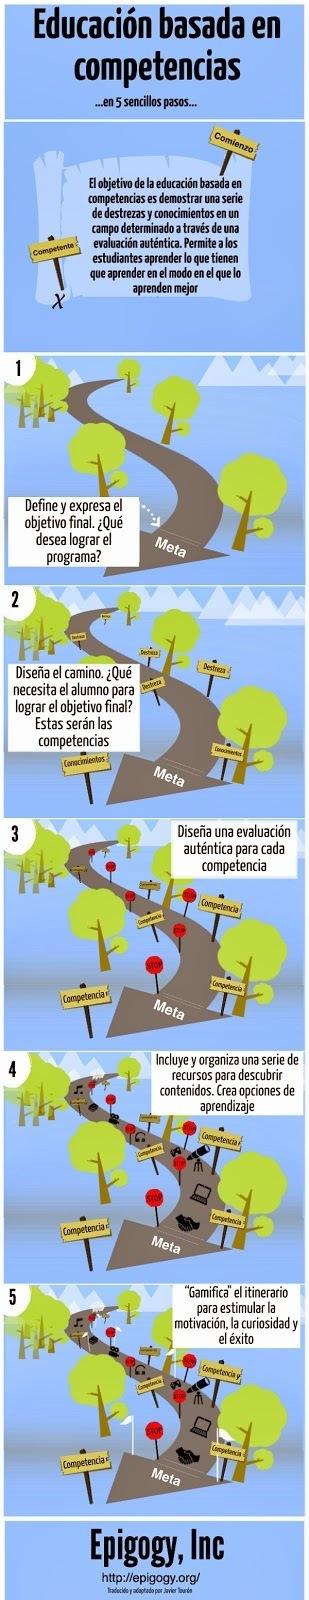 Javier Tourón: Educación basada en competencias explicada en 5 pasos | Educación y más | Scoop.it